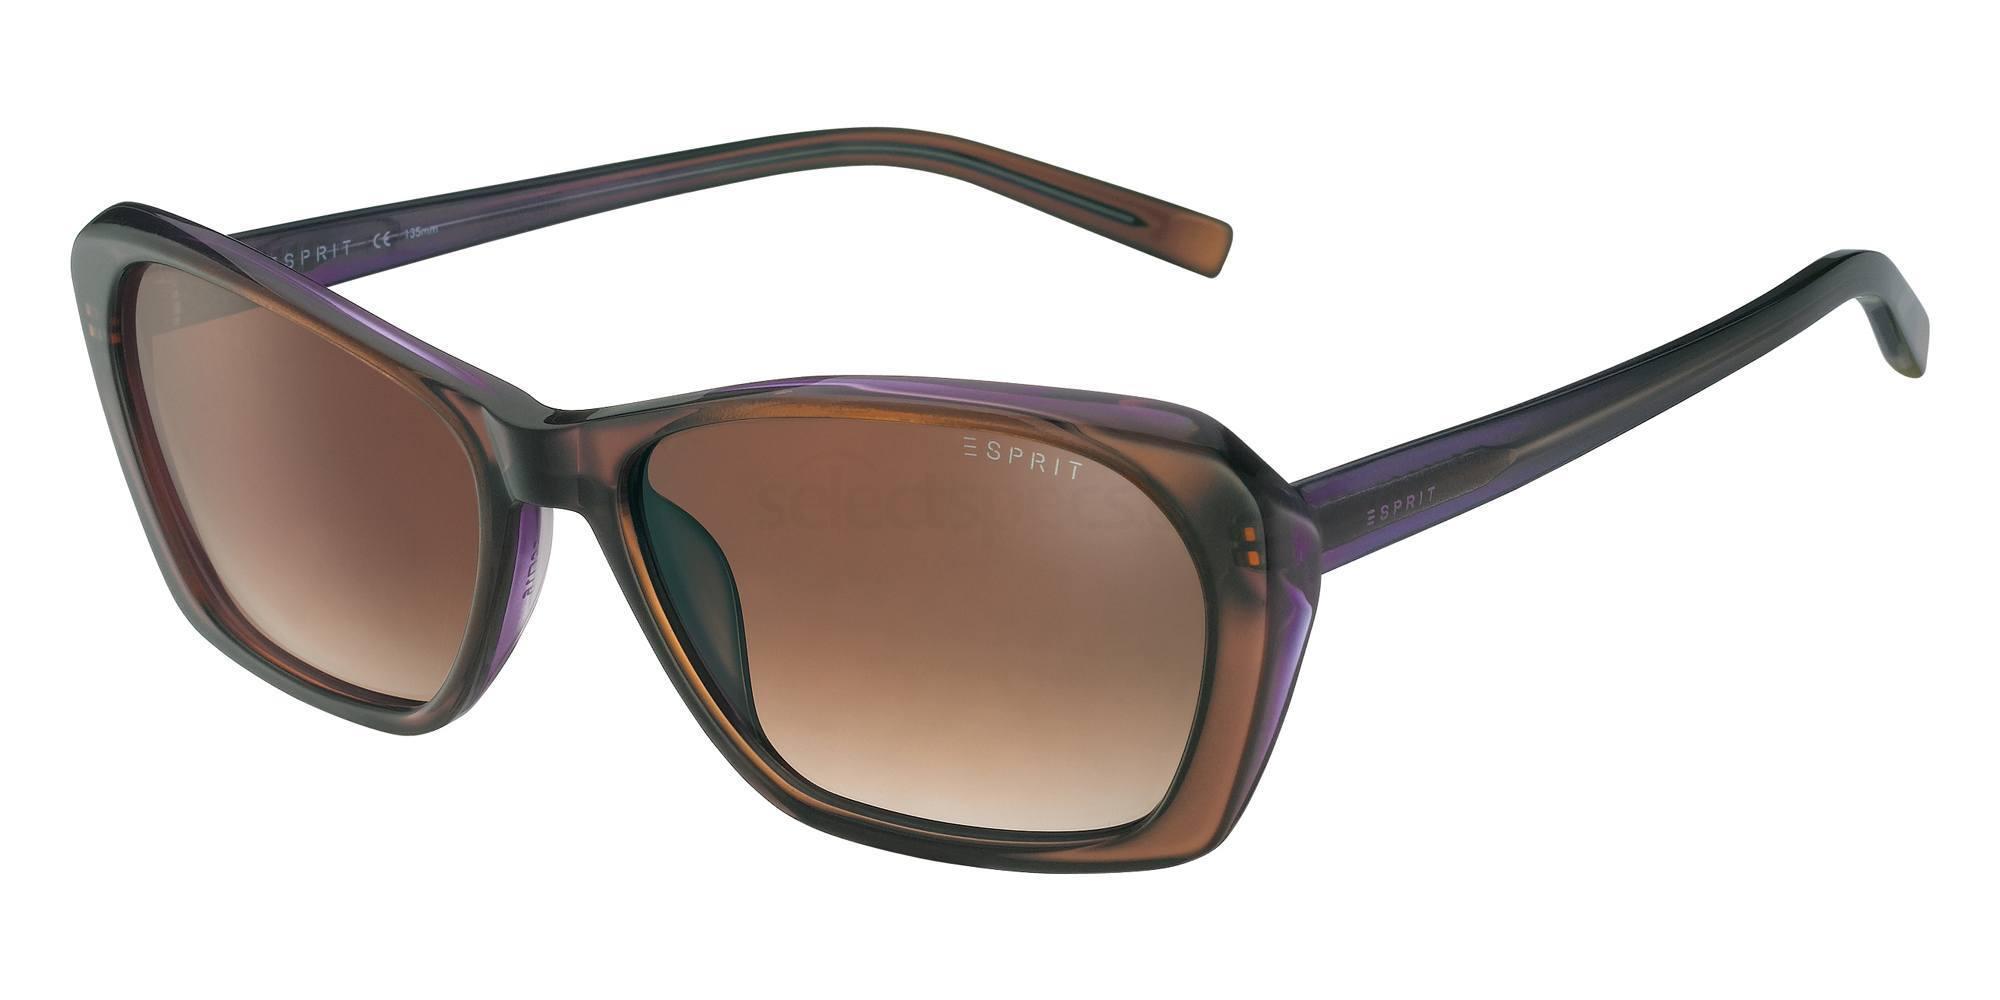 535 ET17854 Sunglasses, Esprit